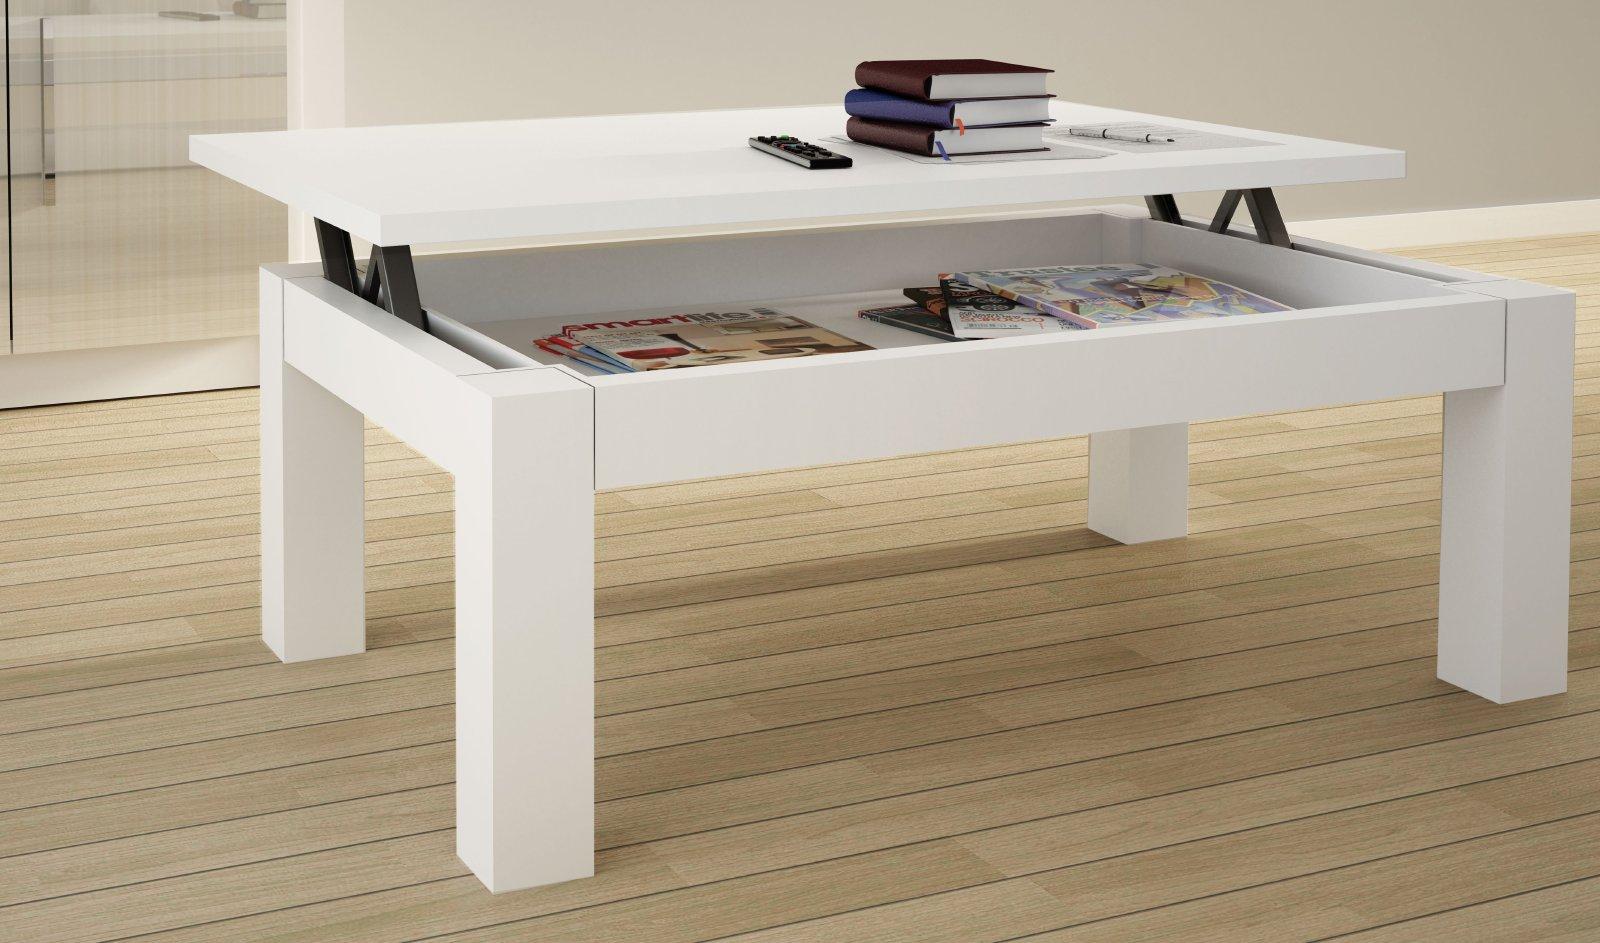 Spago muebles mesas y sillas - Mesa centro elevable y extensible ...